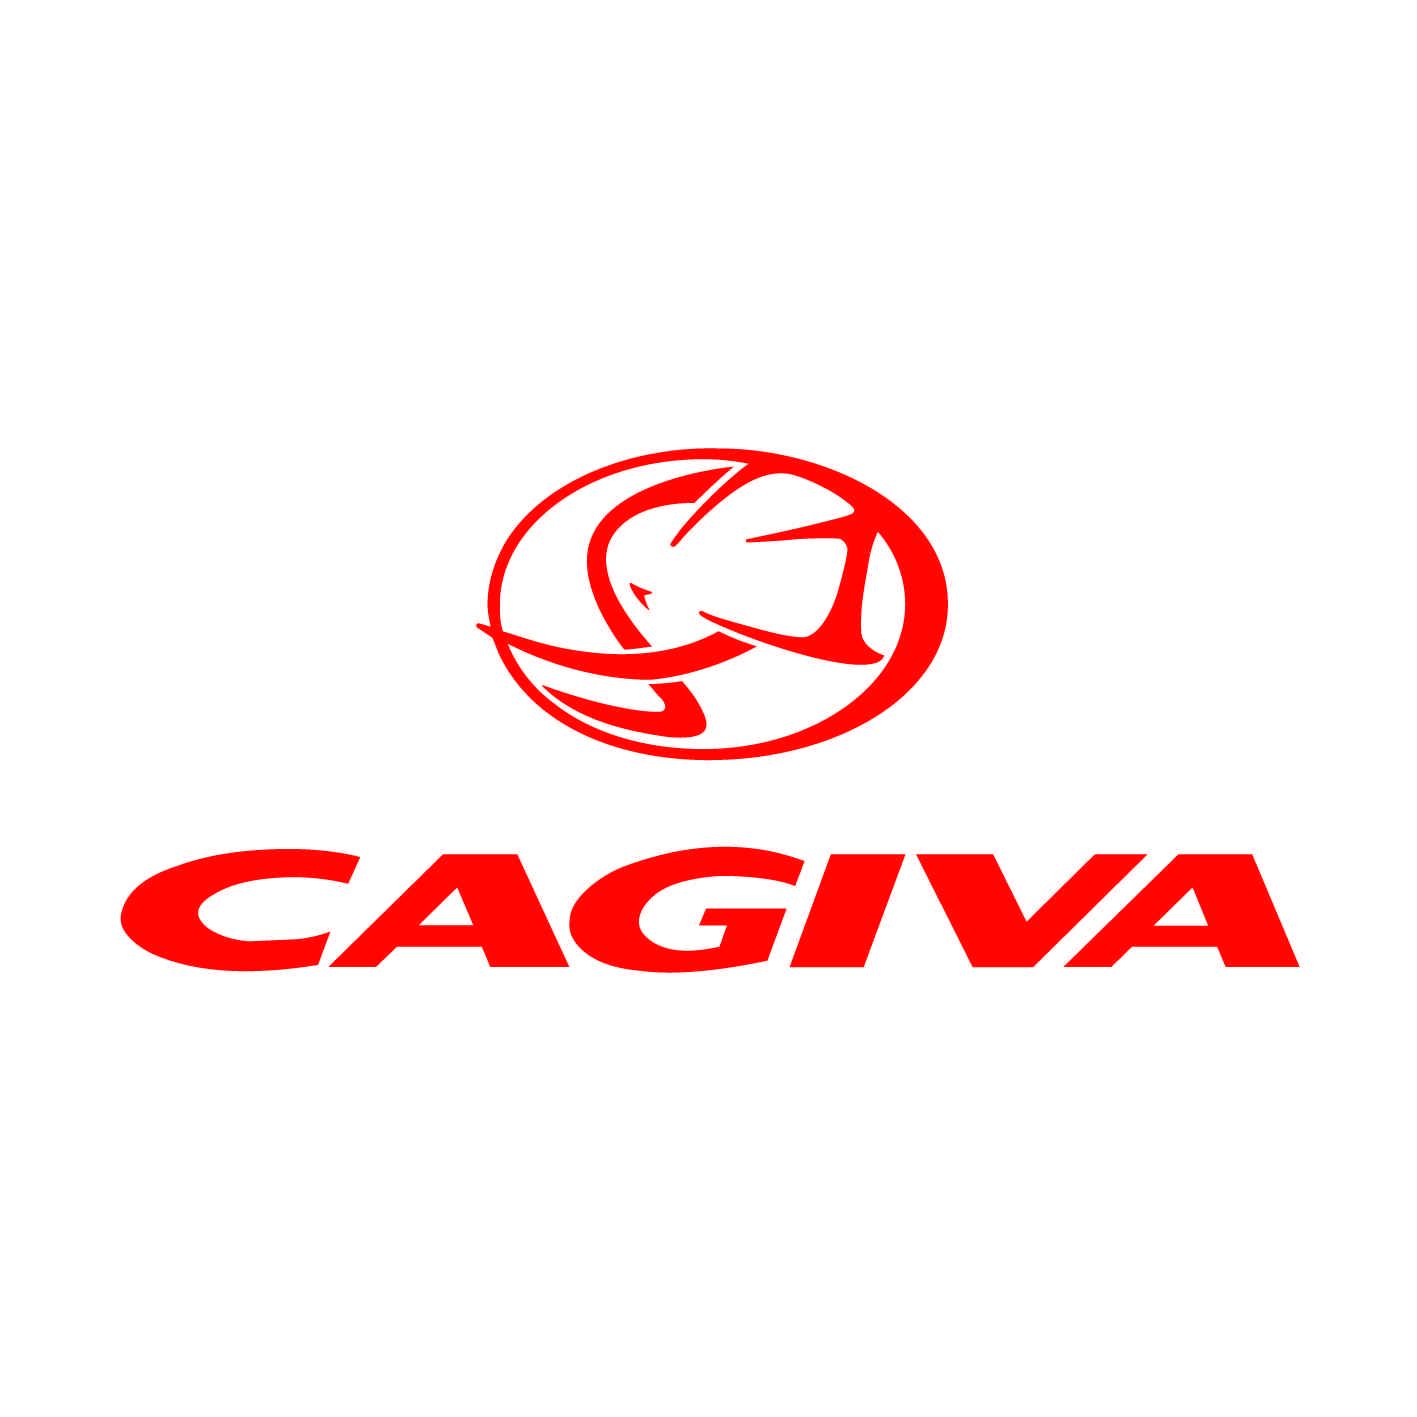 cagiva-ref4-stickers-moto-casque-scooter-sticker-autocollant-adhesifs